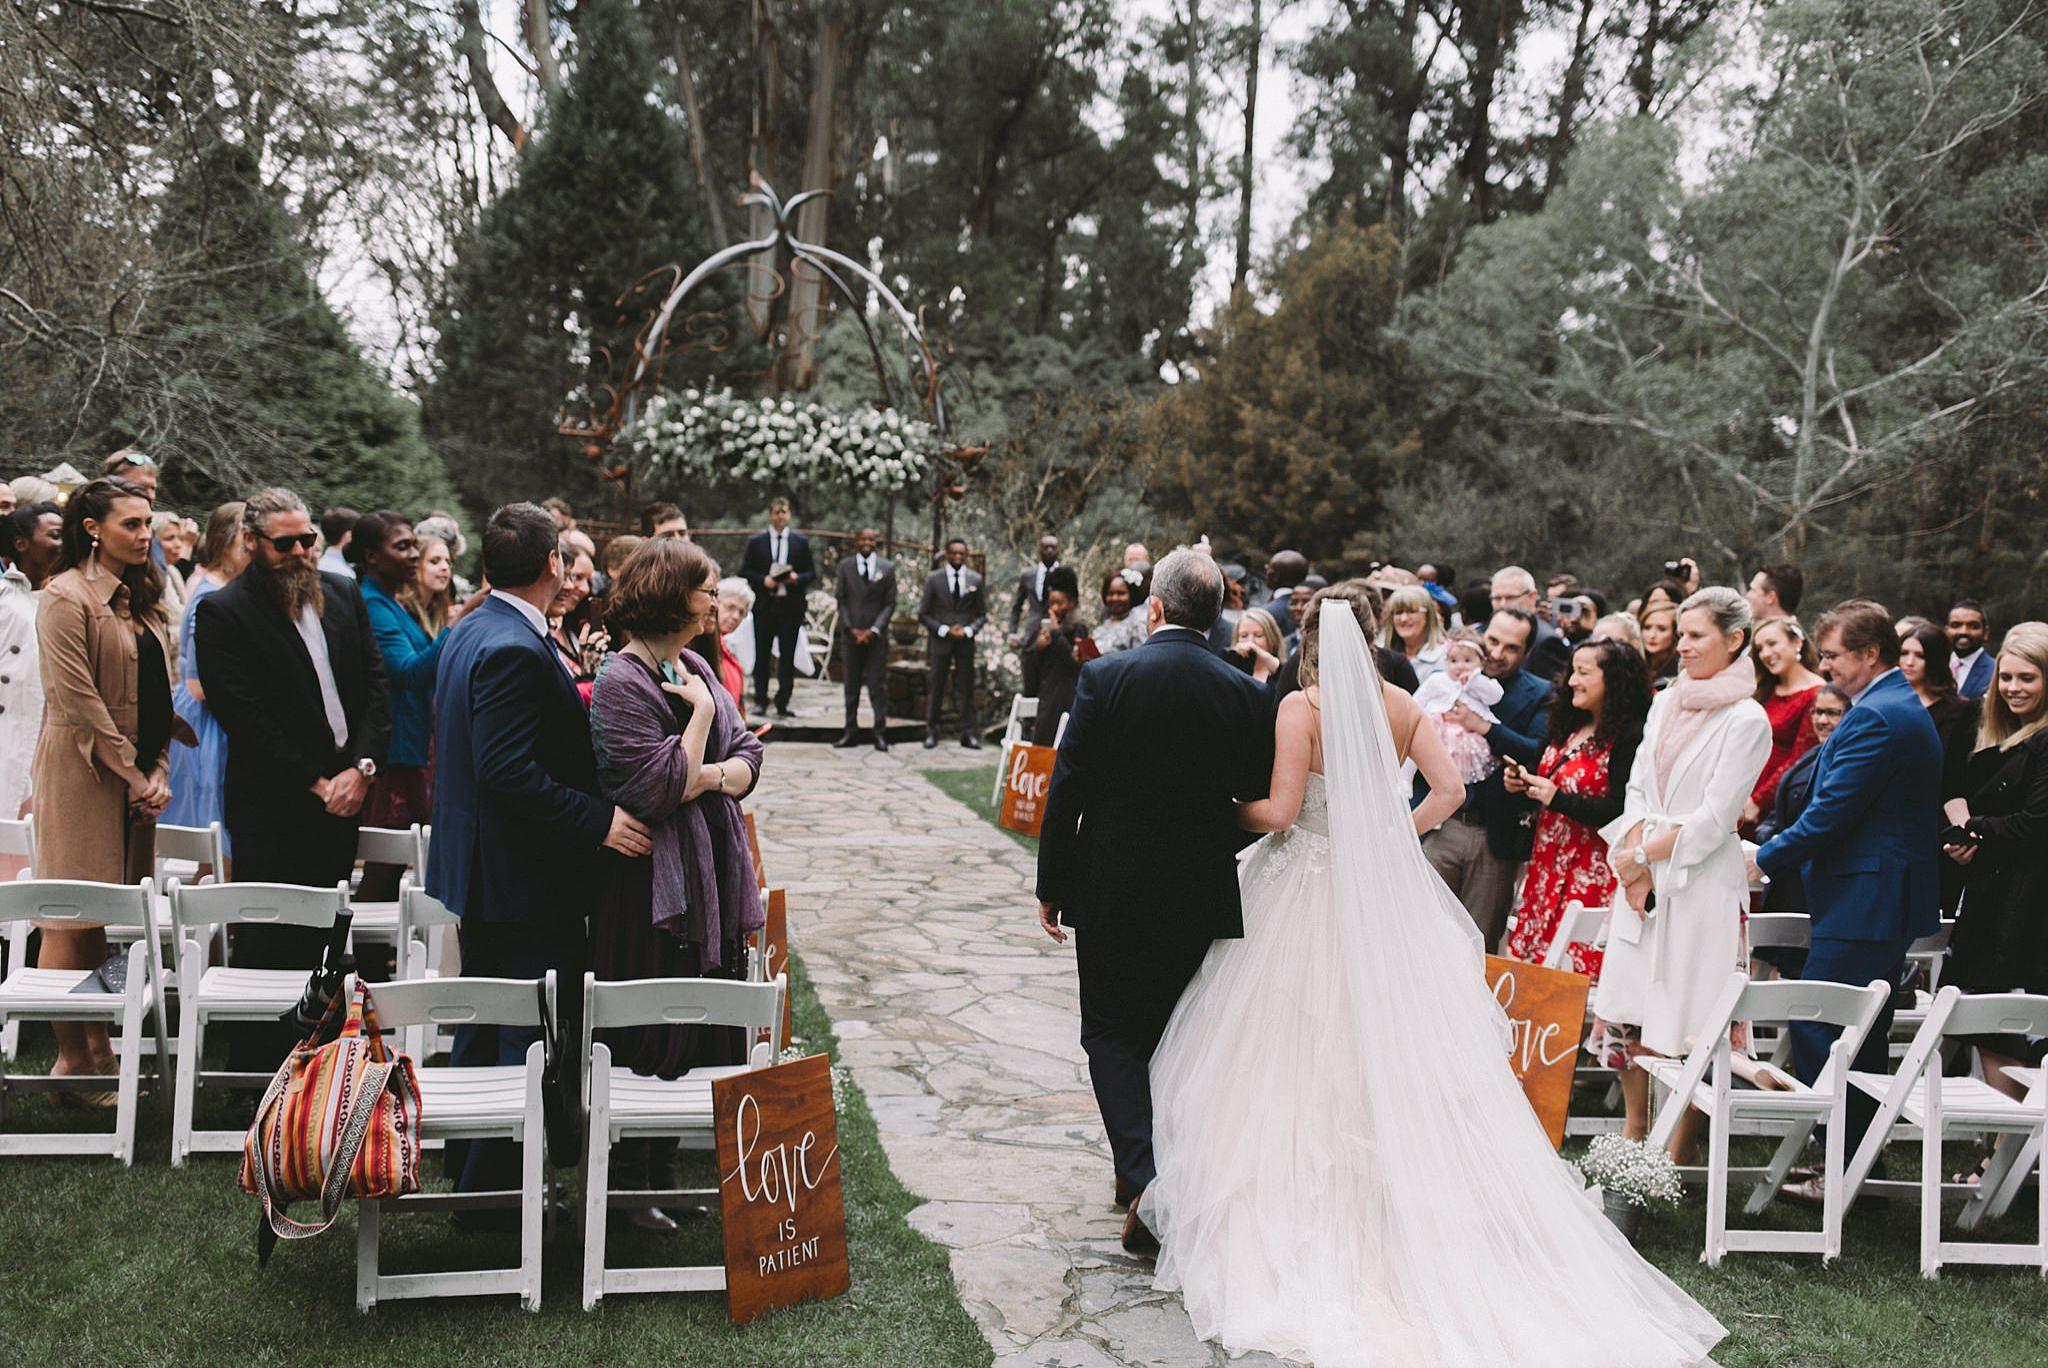 Tatra Dandenong Wedding Photography Natural Candid (49).JPG